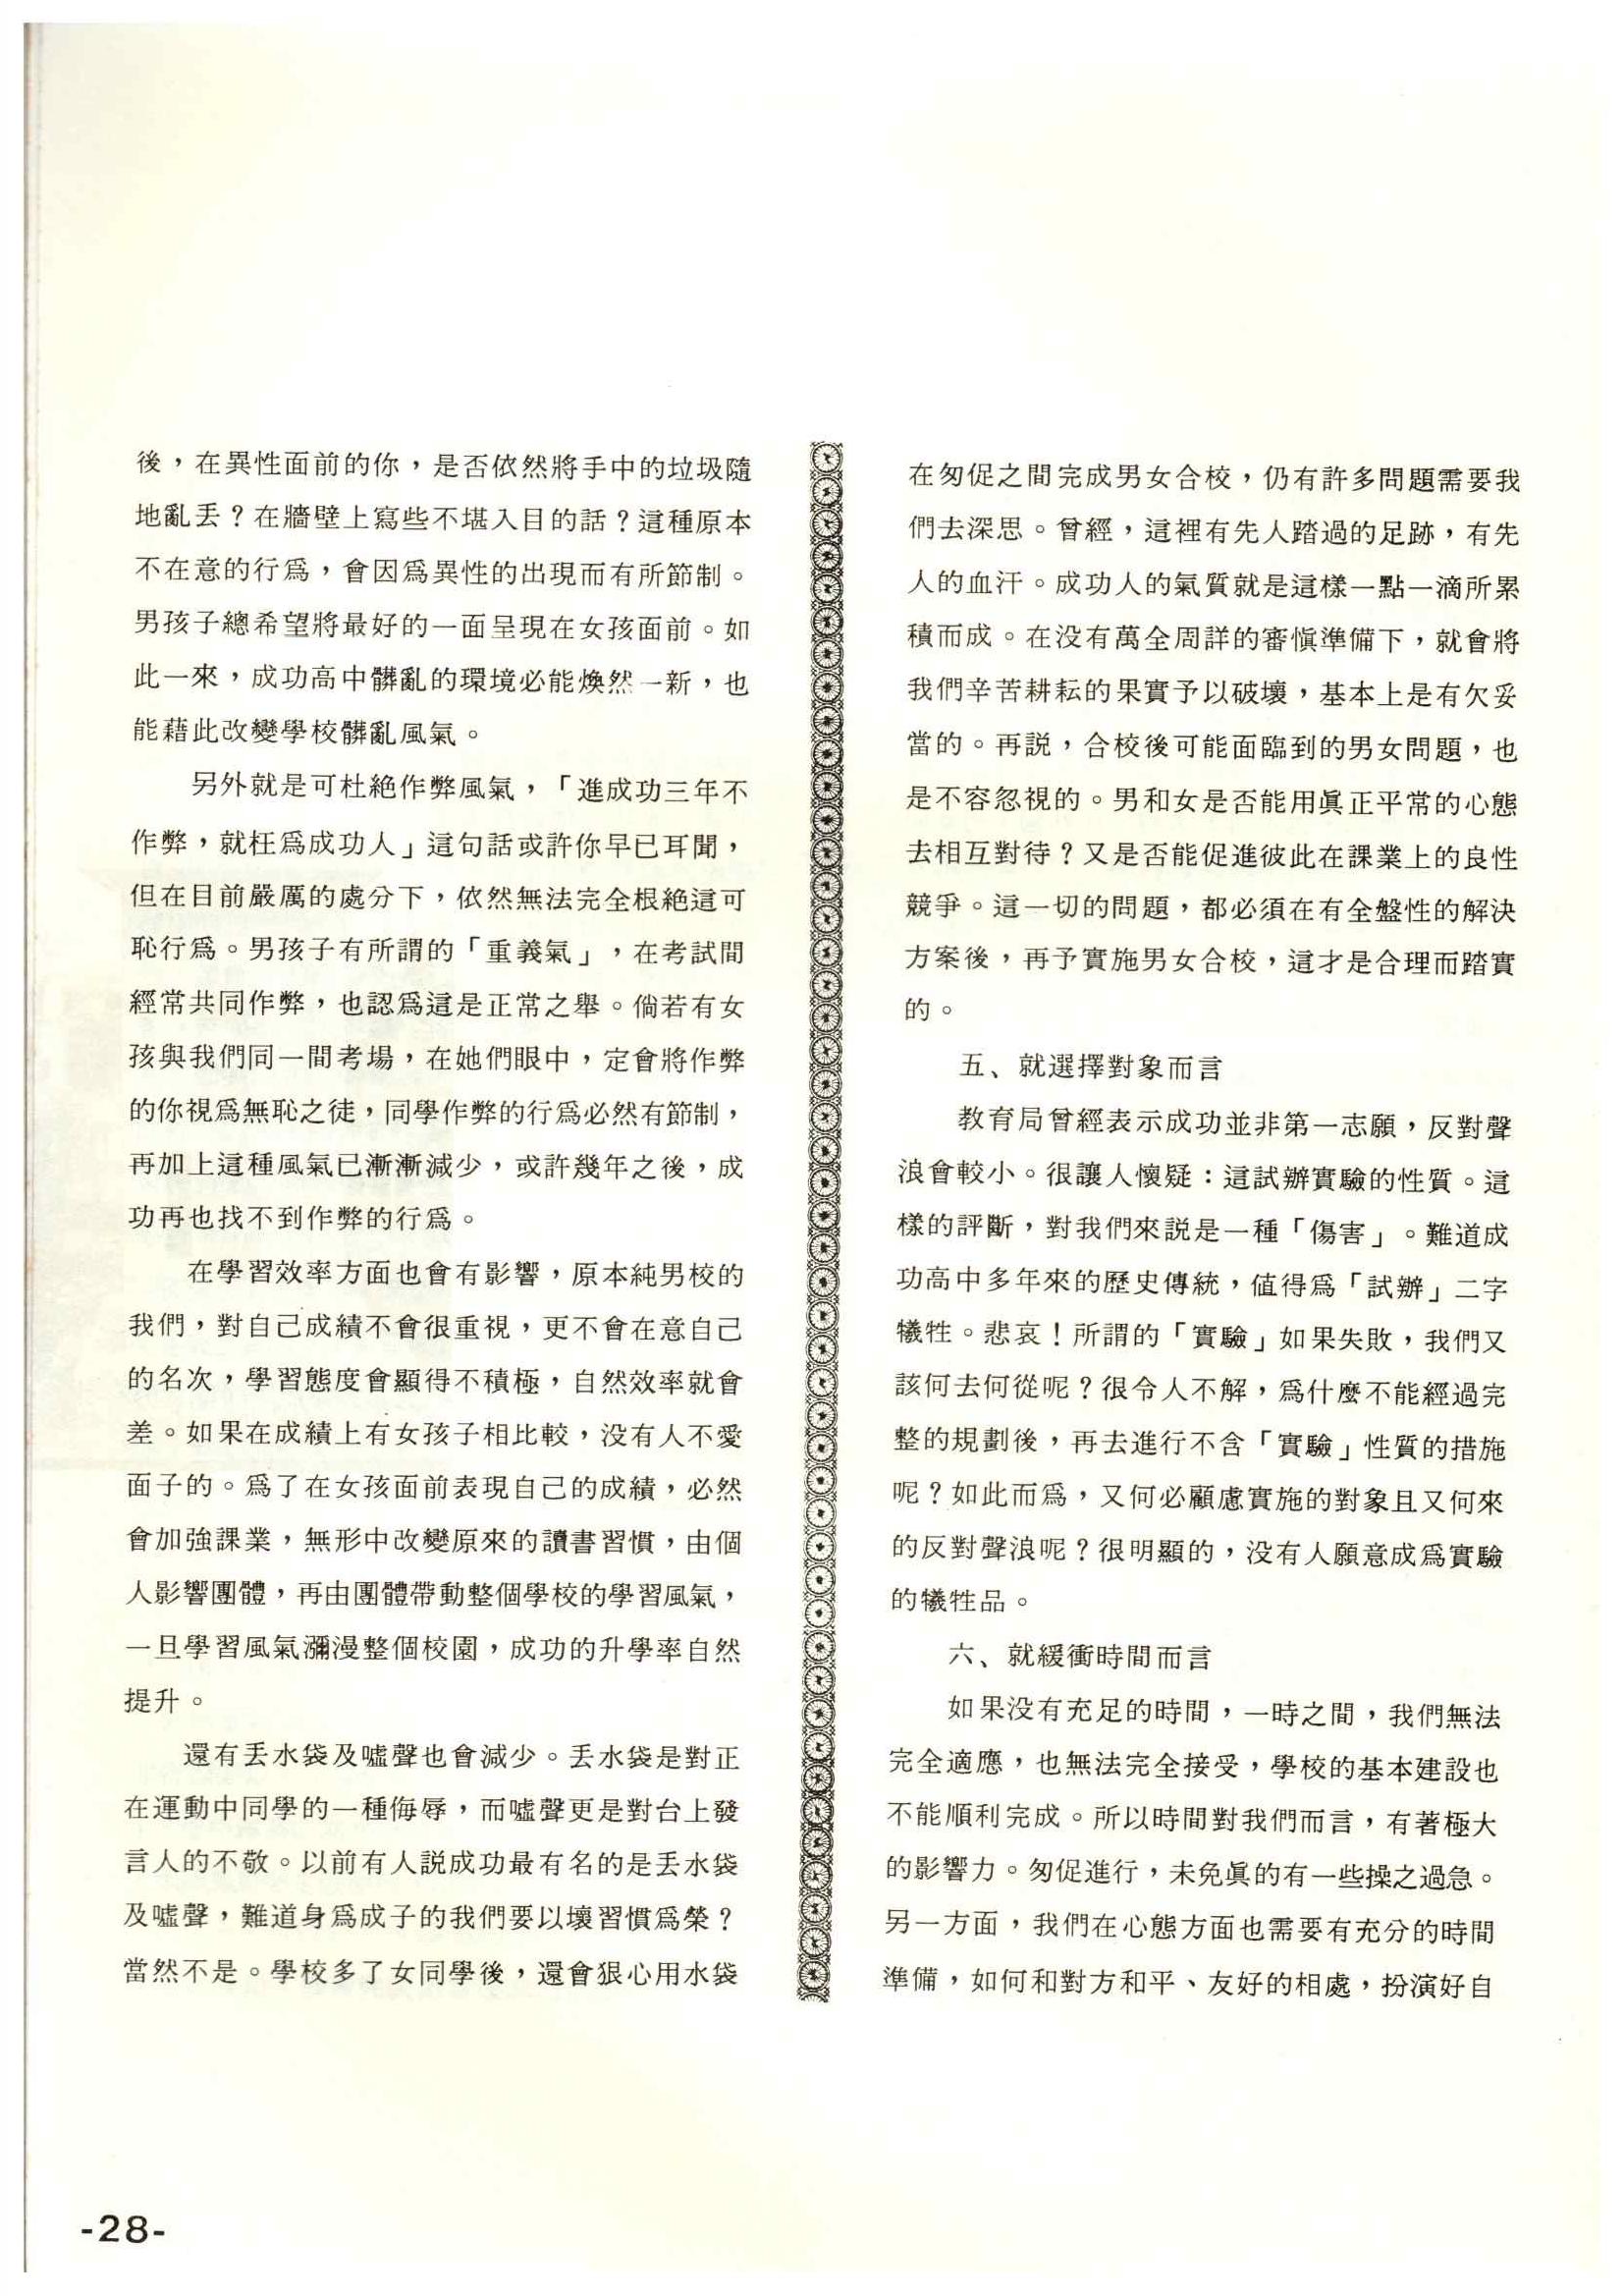 《成功青年122》p.28